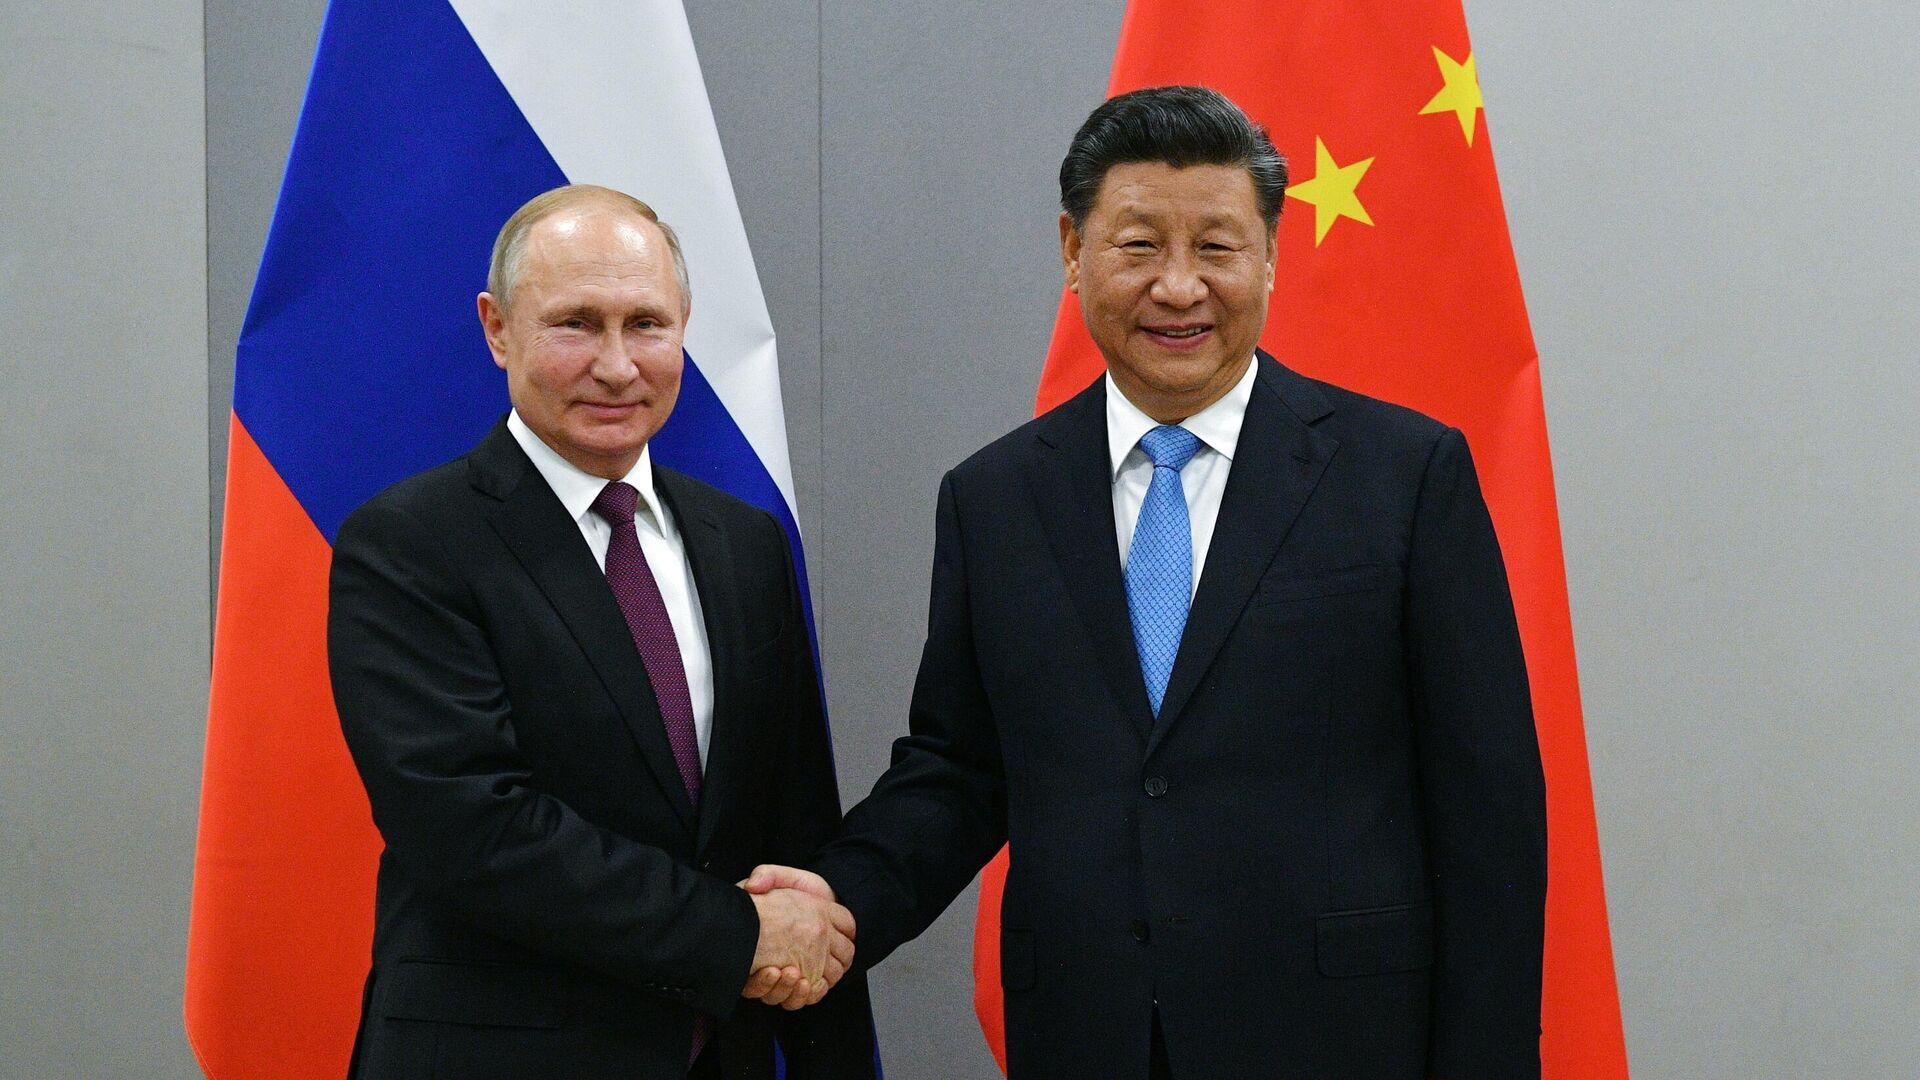 Президент РФ Владимир Путин и председатель Китайской Народной Республики Си Цзиньпин во время встречи в рамках саммита БРИКС - РИА Новости, 1920, 03.09.2020